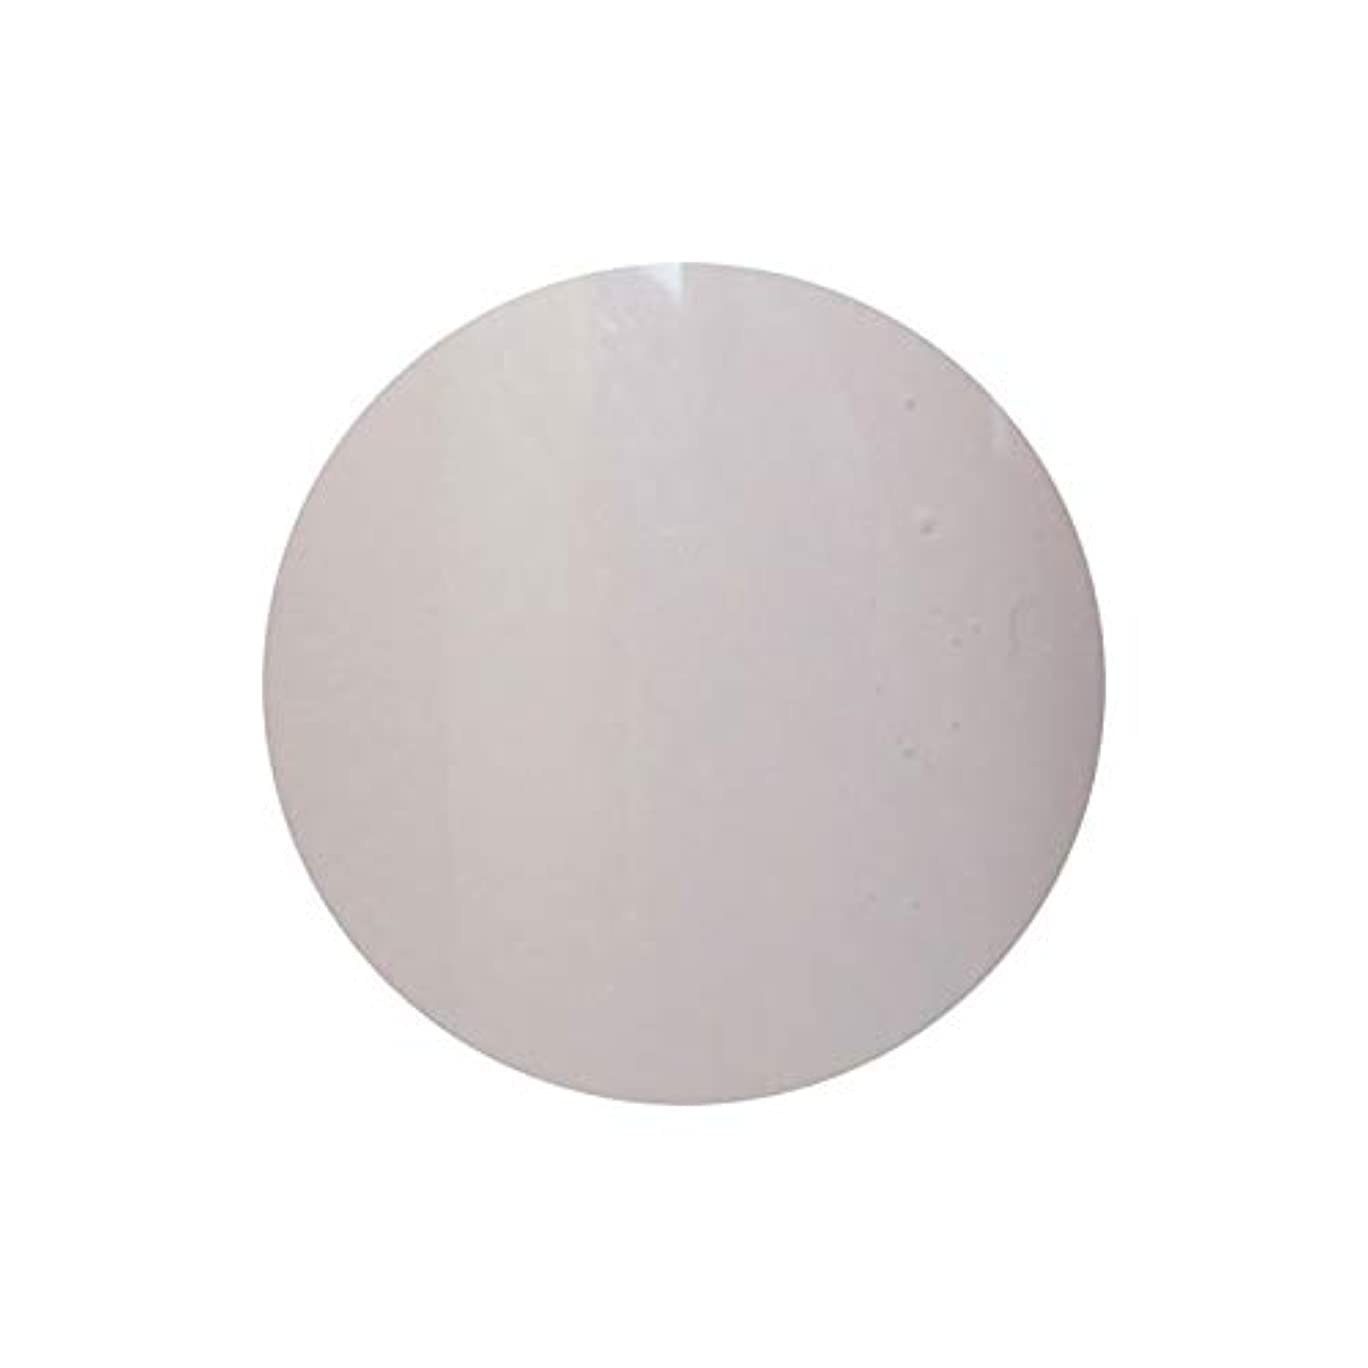 交換可能公然と安西NEW】T-GEL COLLECTION カラージェル D220 モカホワイト 4ml